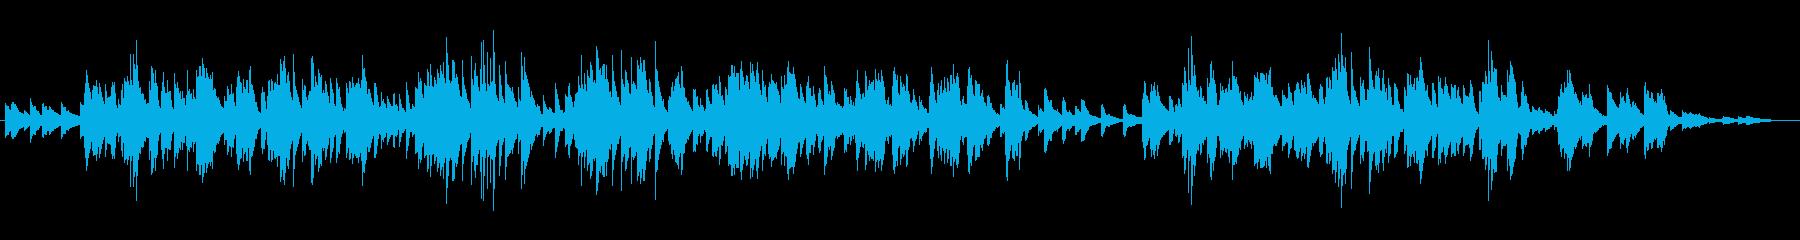 切なく退廃的なムードのピアノミュージックの再生済みの波形